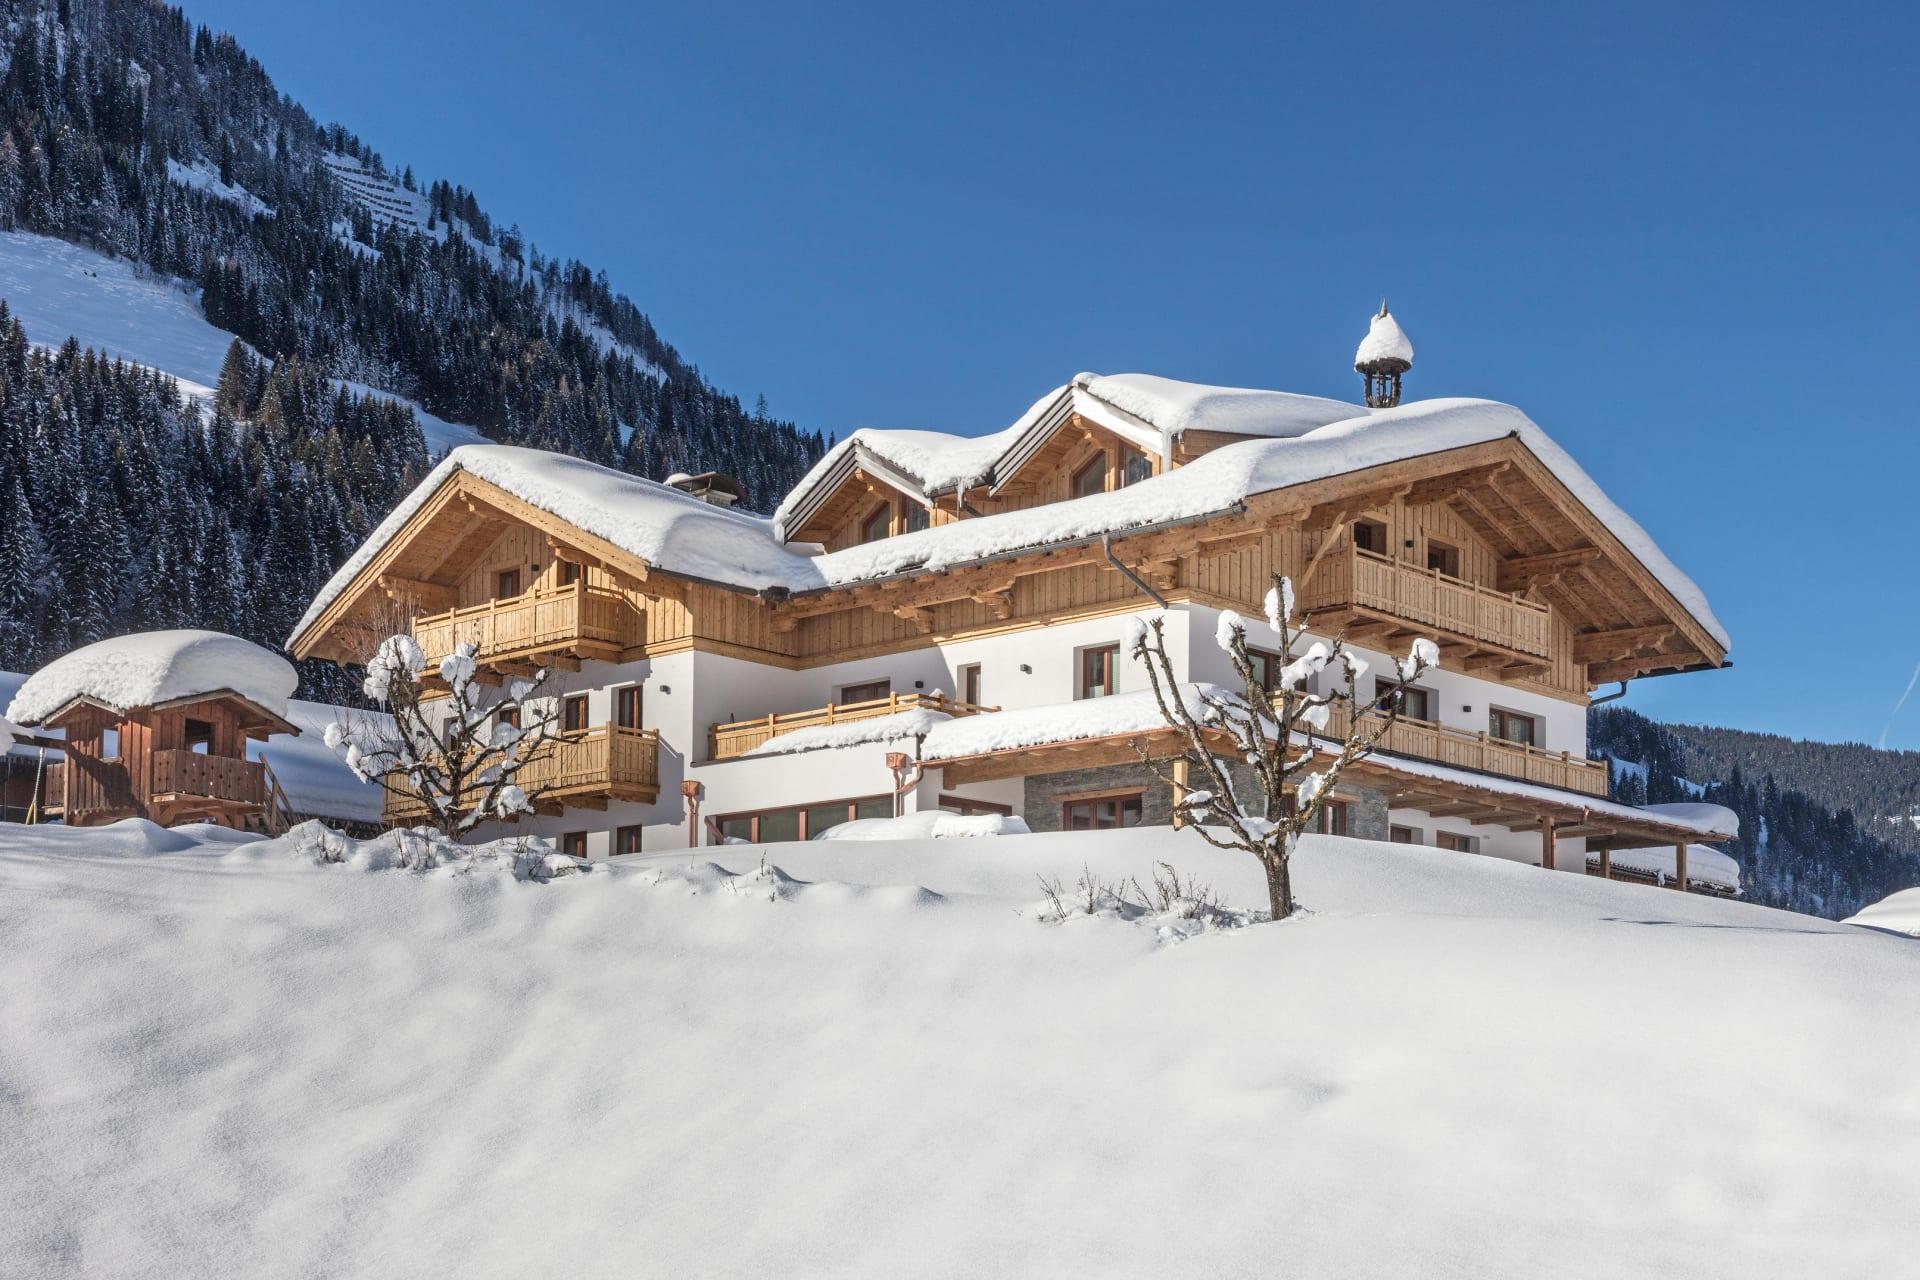 Ansicht unseres Hauses vom Winterwanderweg